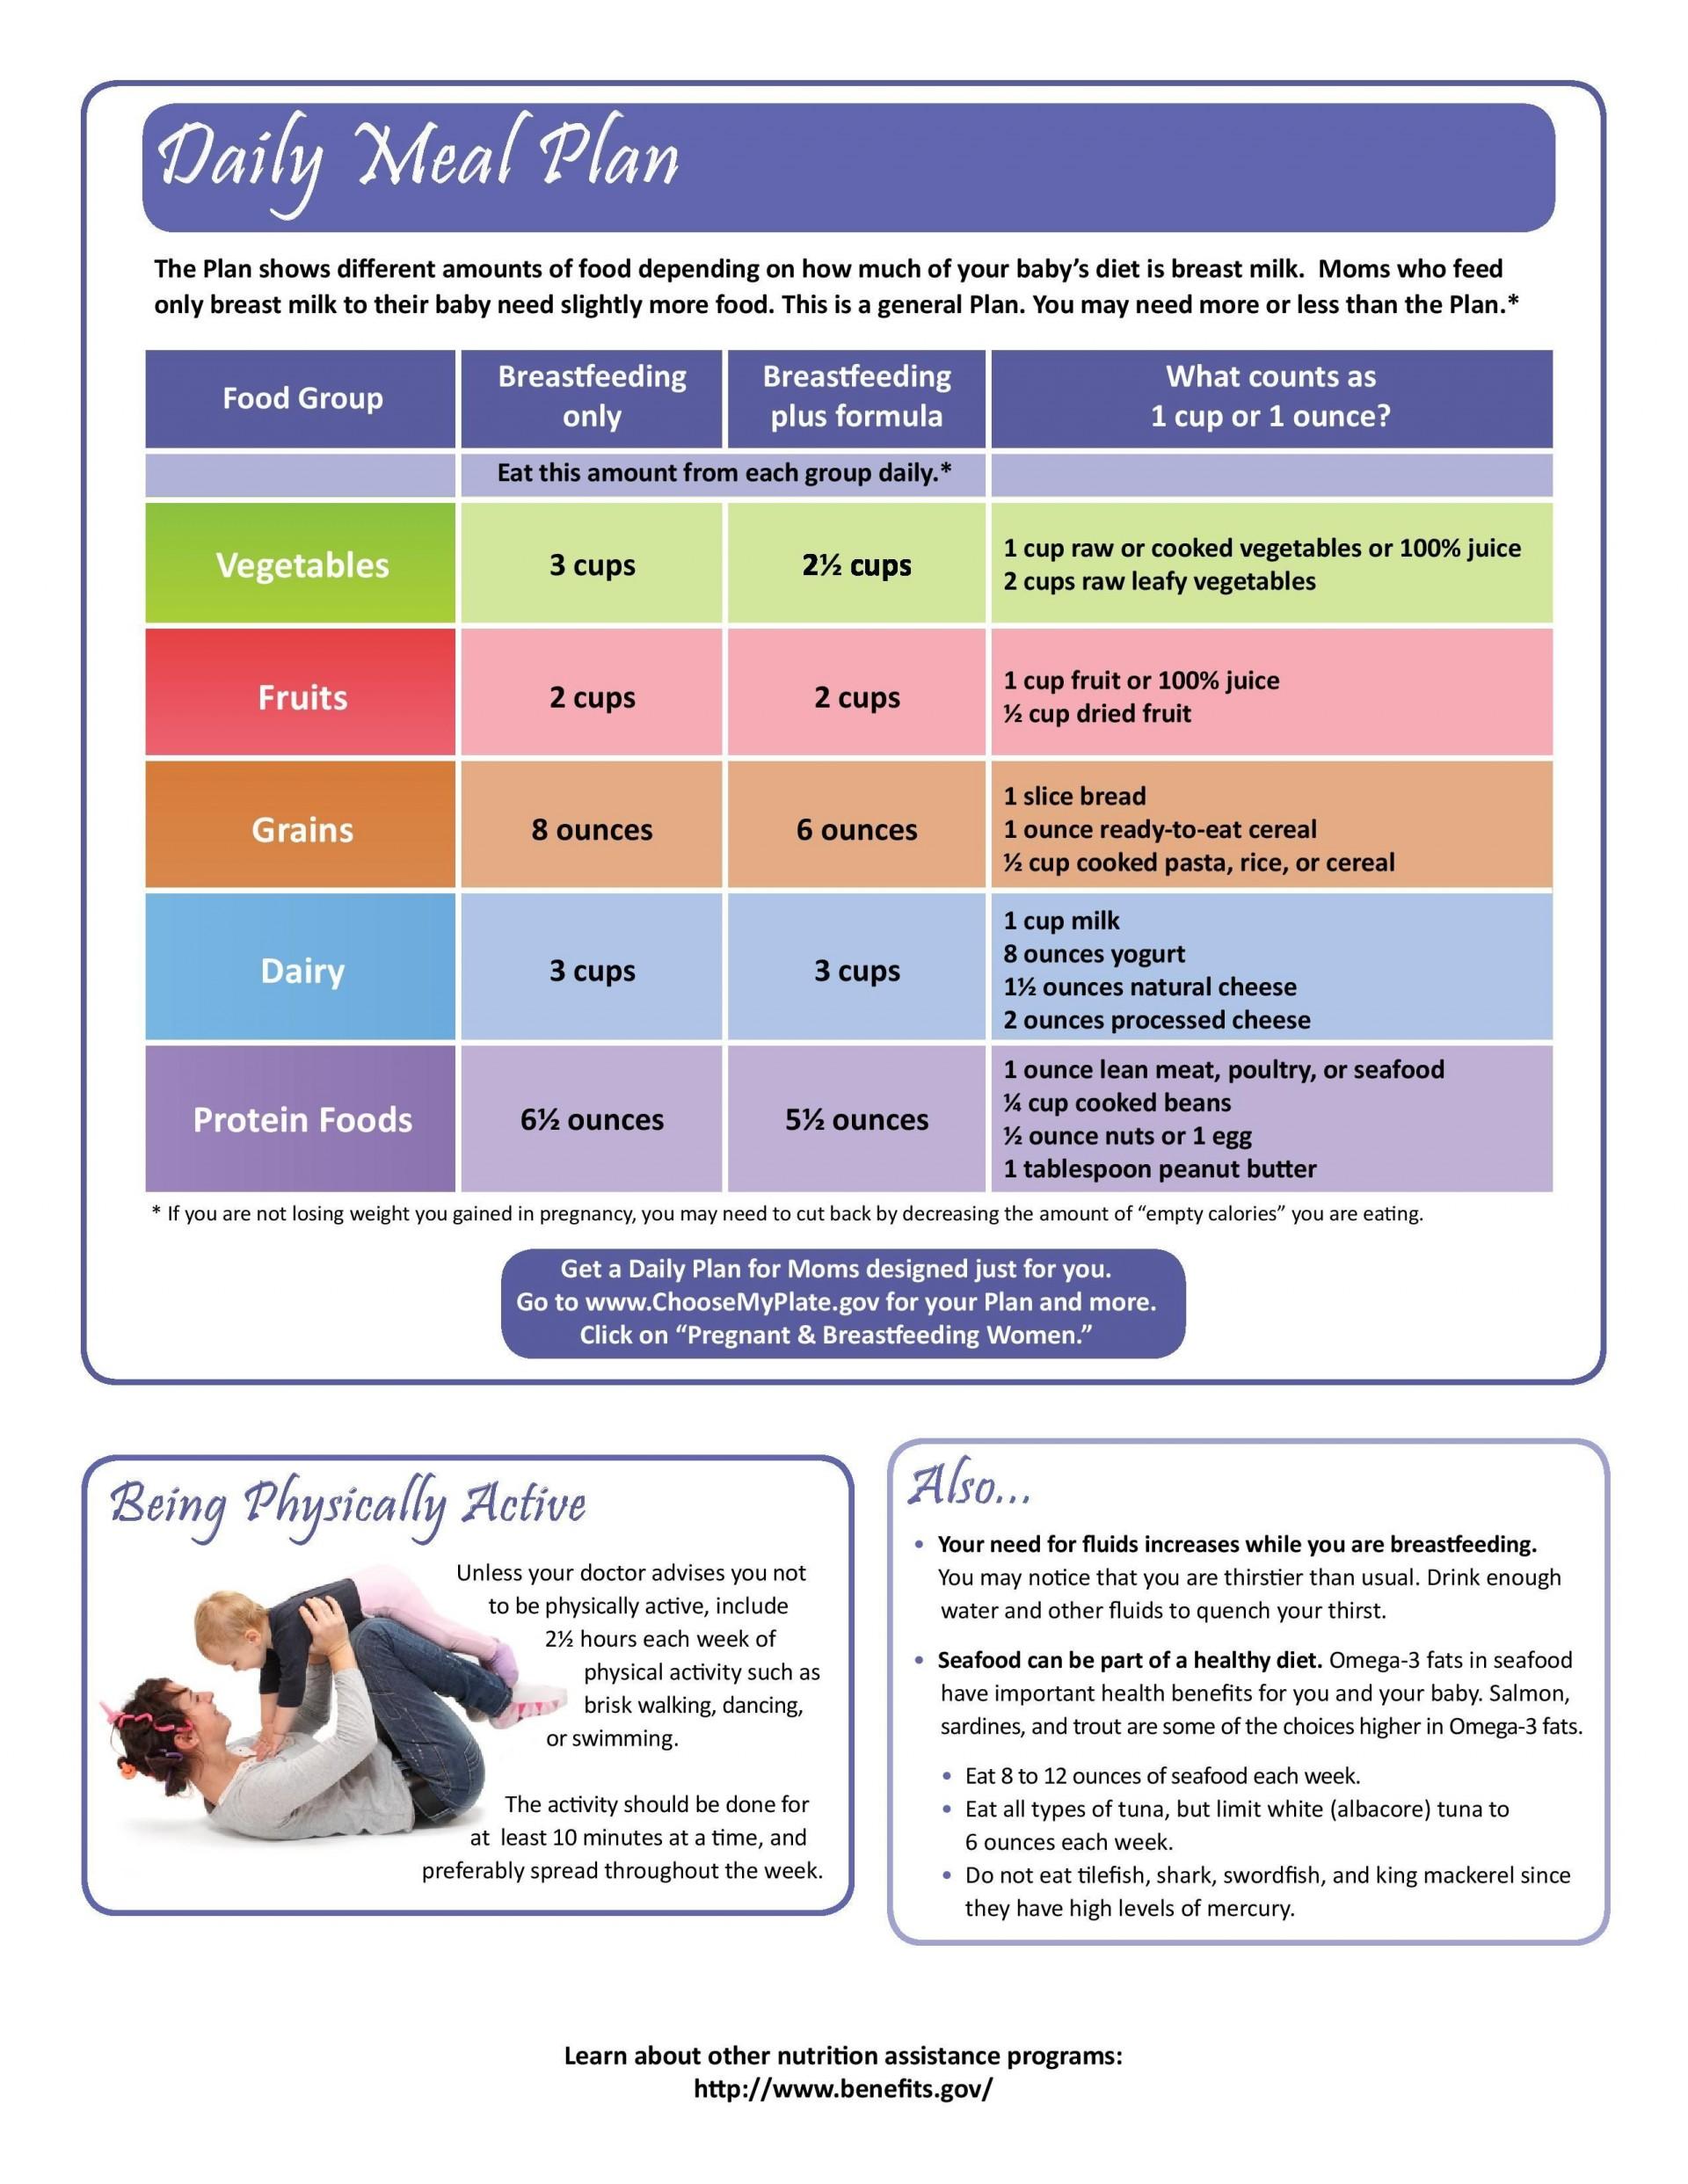 002 Unbelievable Breastfeeding Meal Plan Sample Pdf High Def 1920